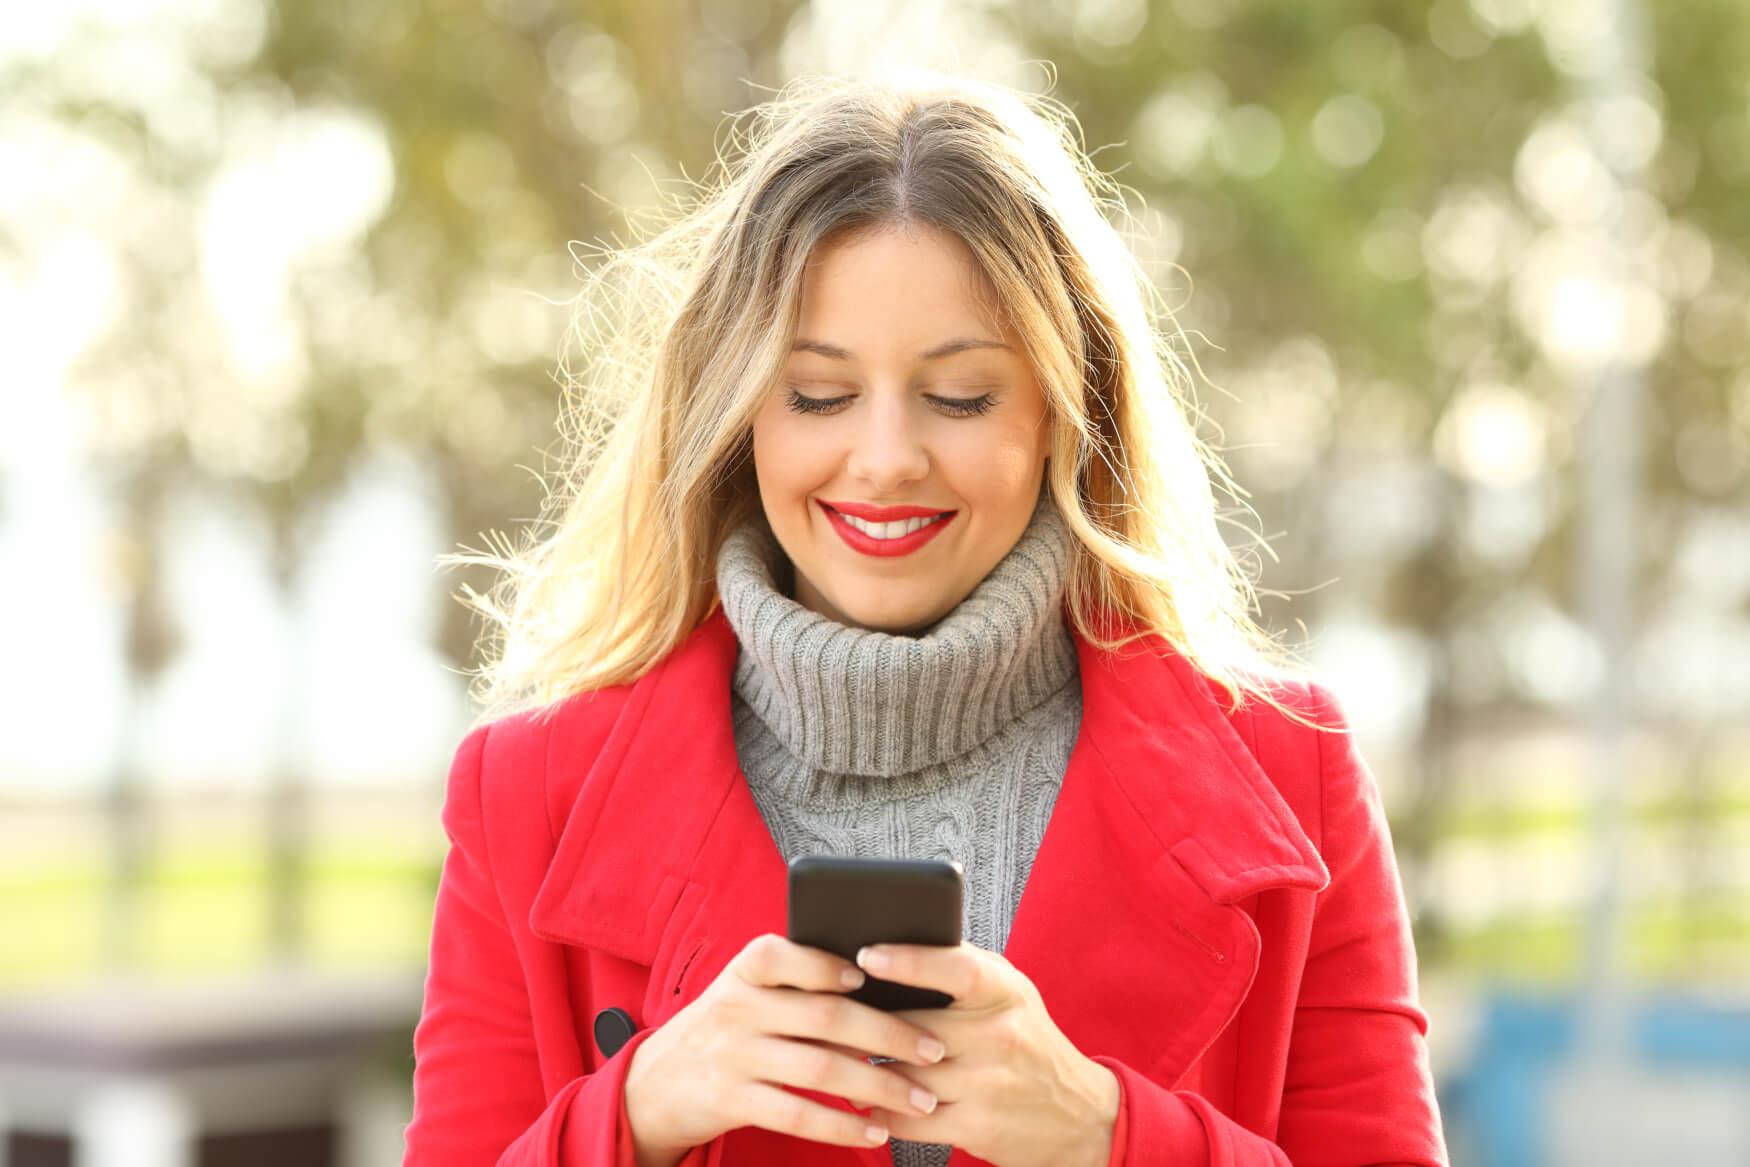 Frau-online-beim-Einkaufen-rote-Jacke-1